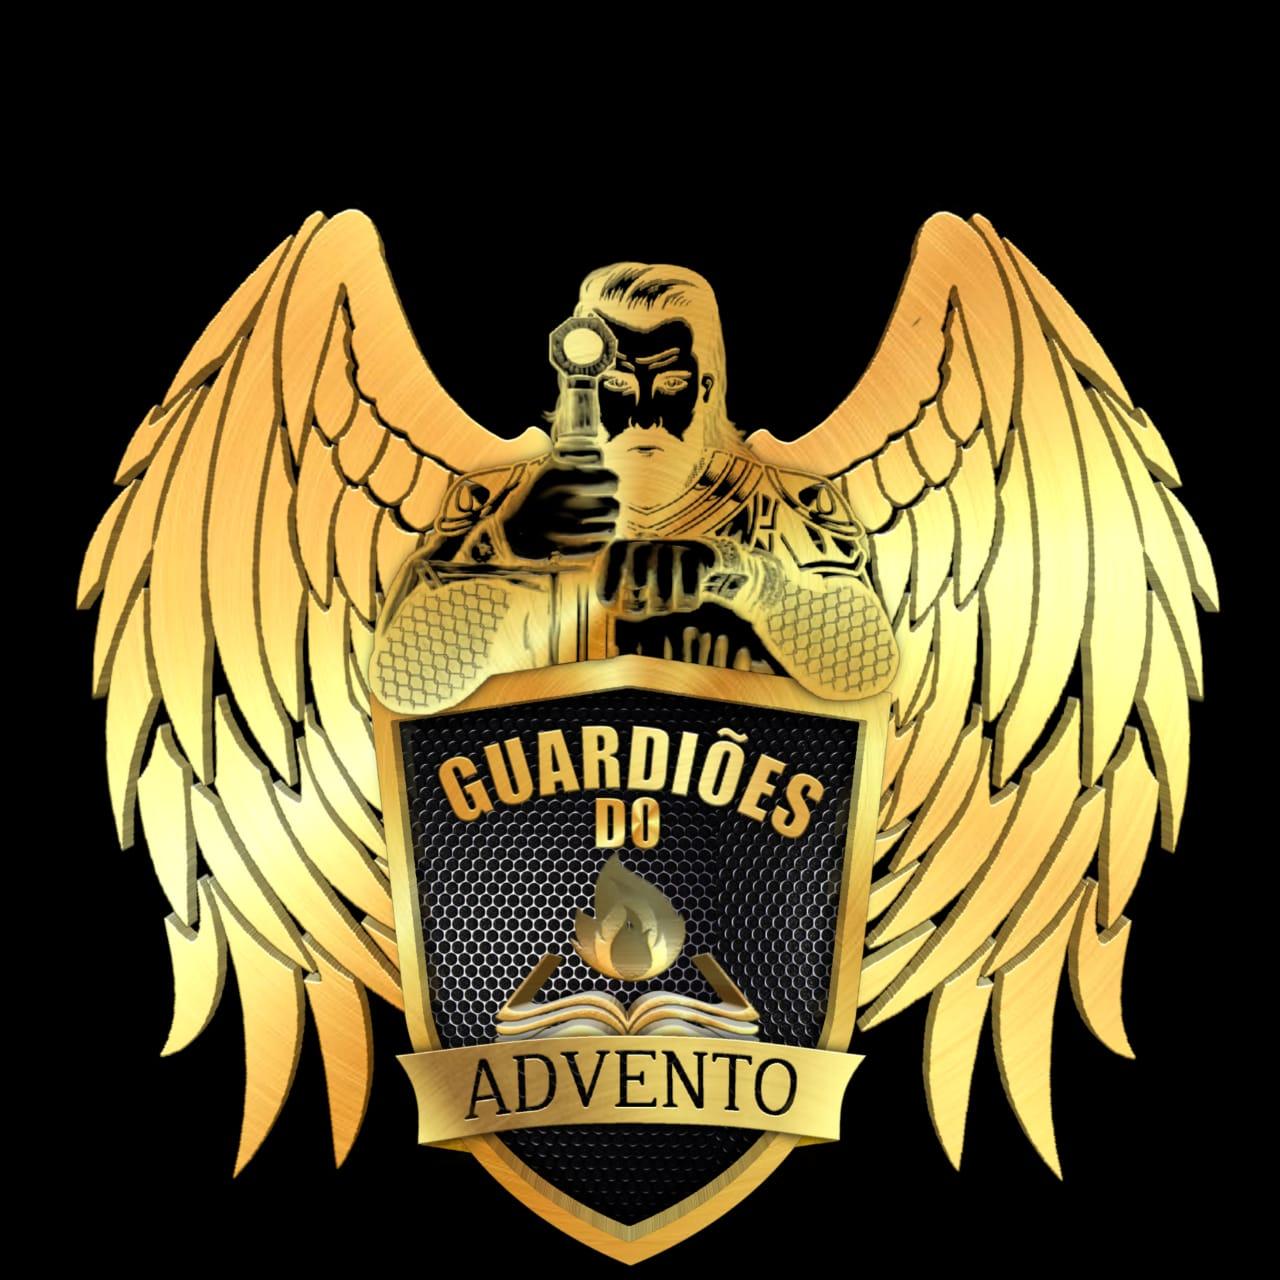 Guardiões do Advento